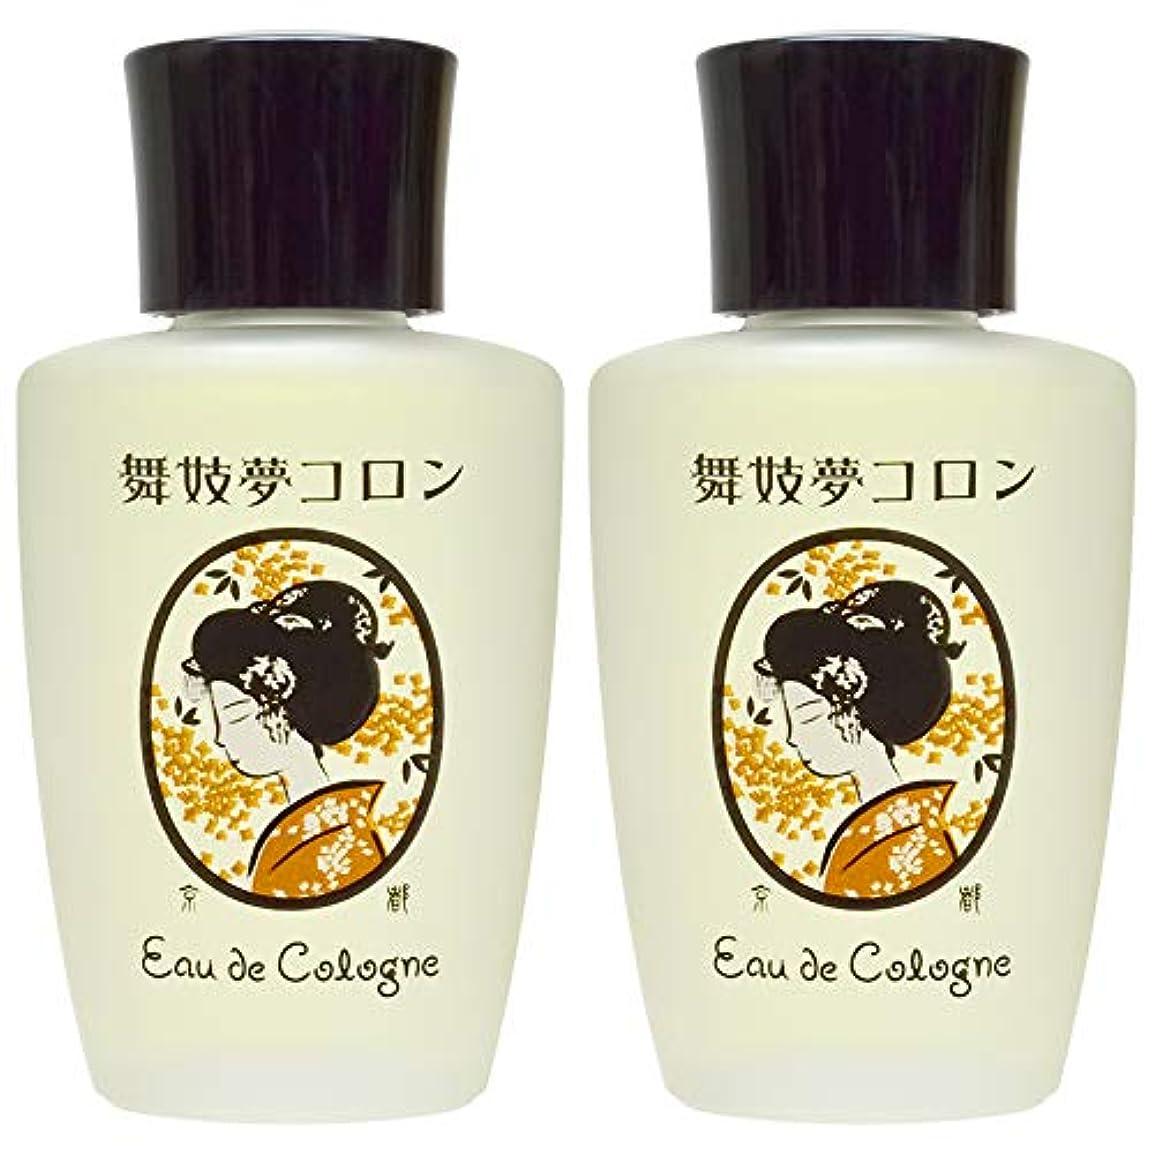 はっきりと近くお手入れ舞妓夢コロン 金木犀/きんもくせいの香り 2個セット